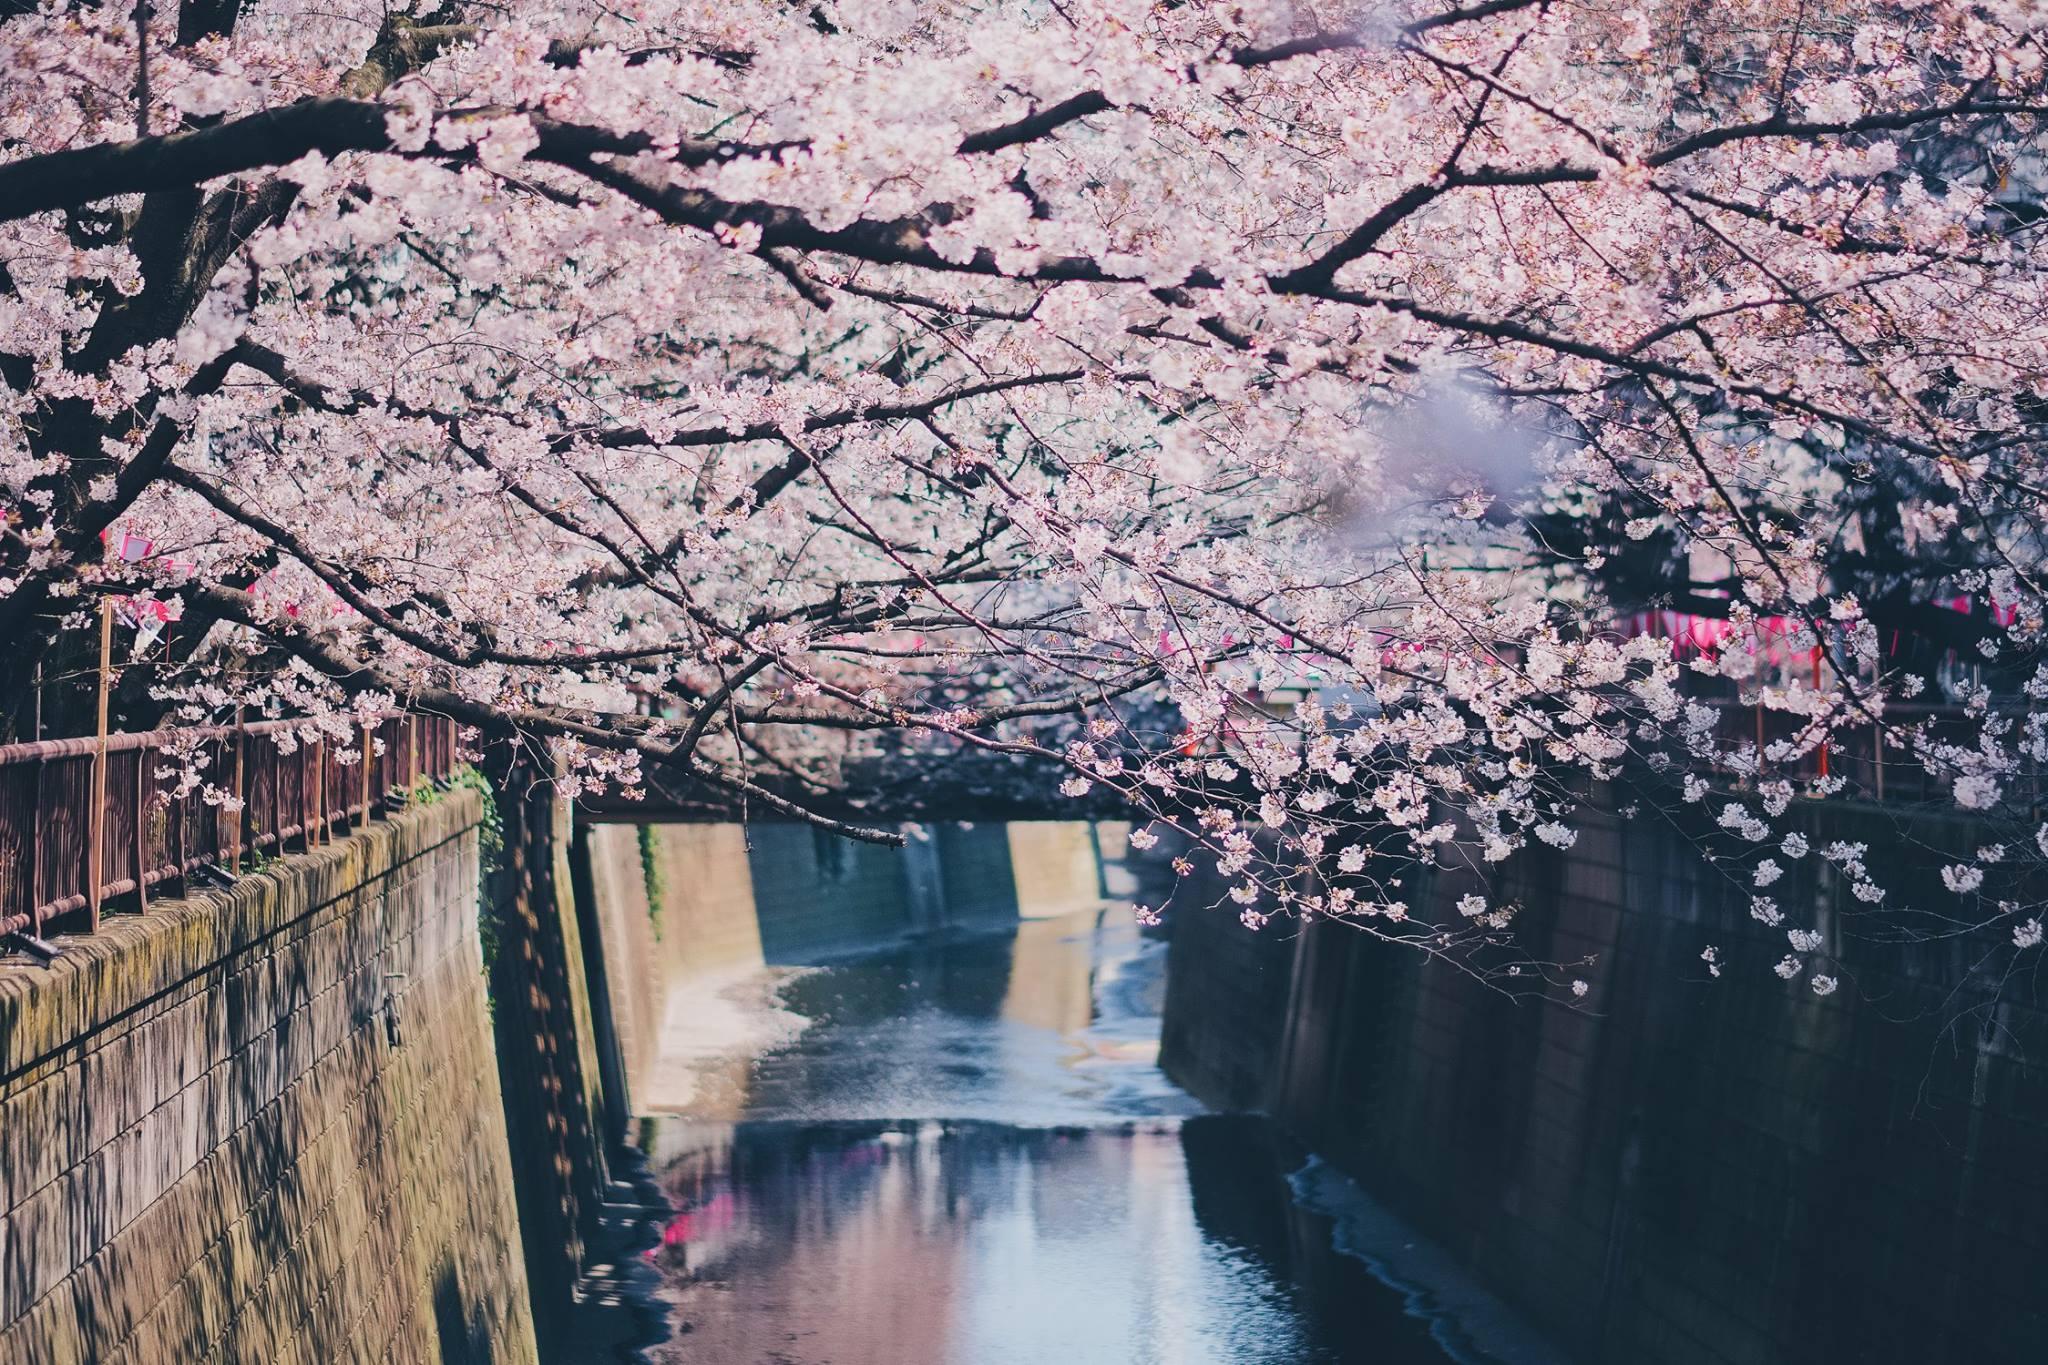 Japan Sakura Hunting - ตามล่าหาซากุระ 3